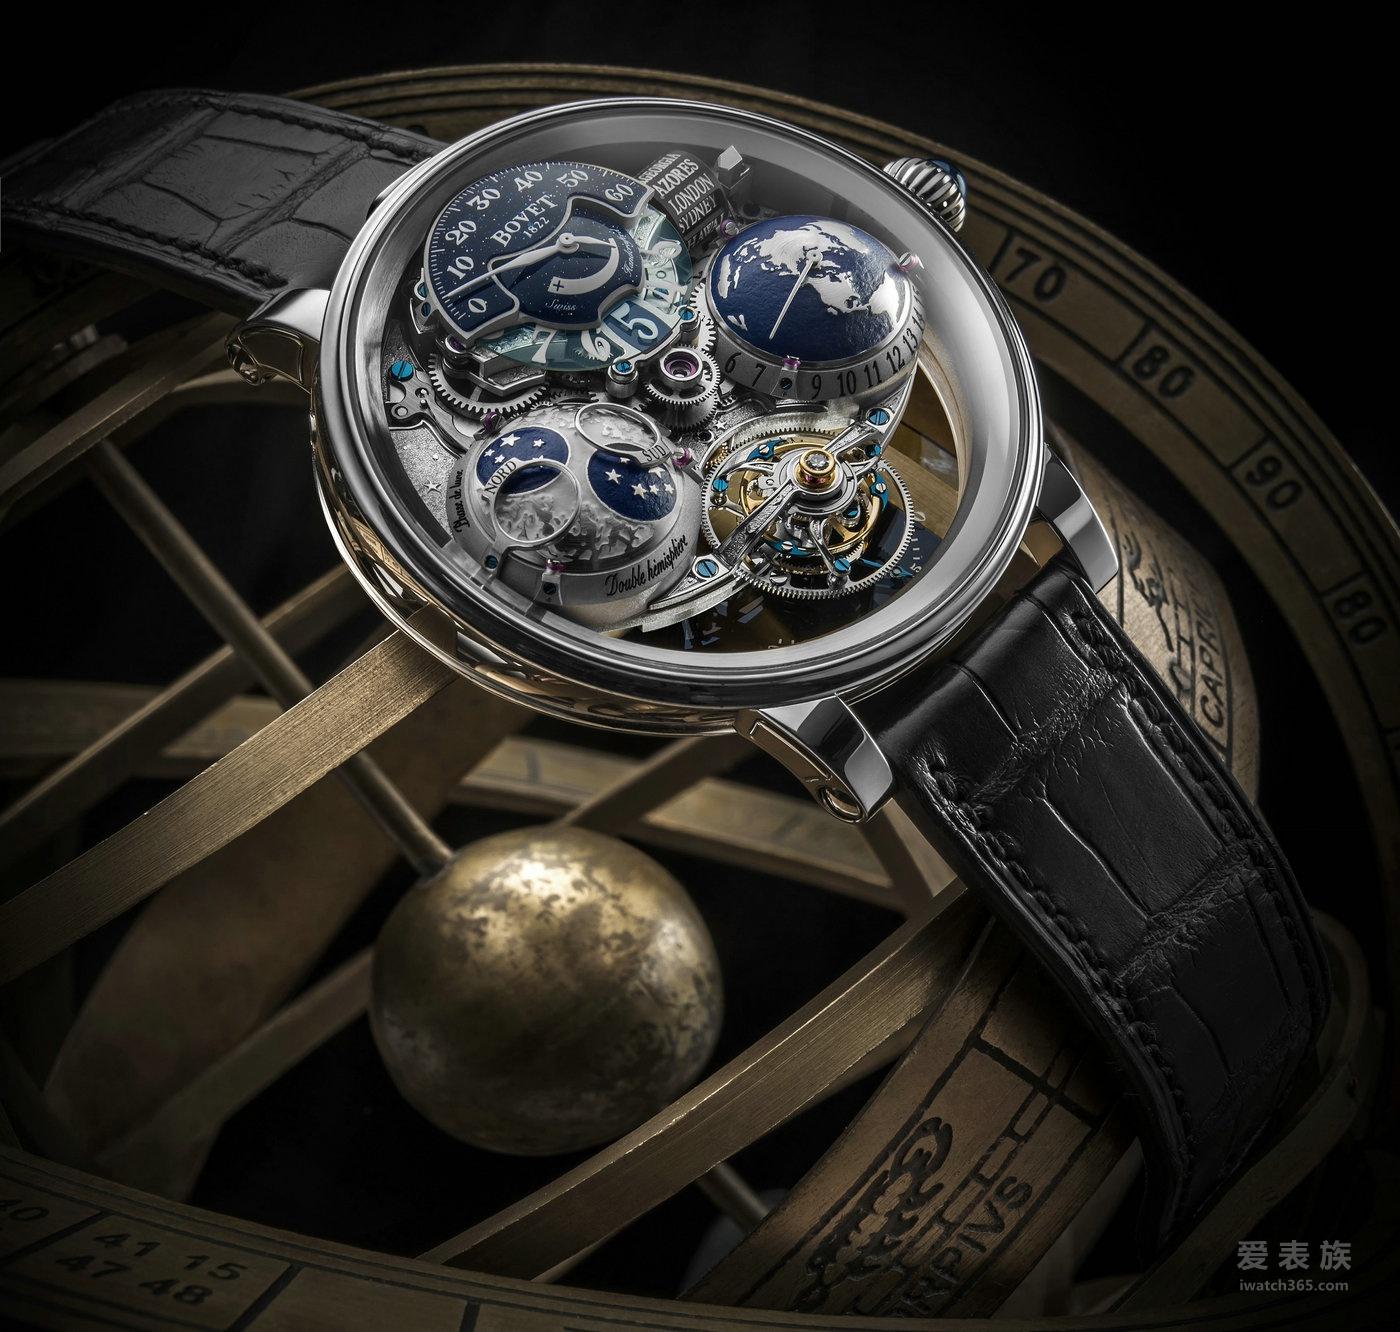 播威新款腕表 于太子珠宝钟表呈献的表坛盛事World Brand Piazza 2016隆重登场